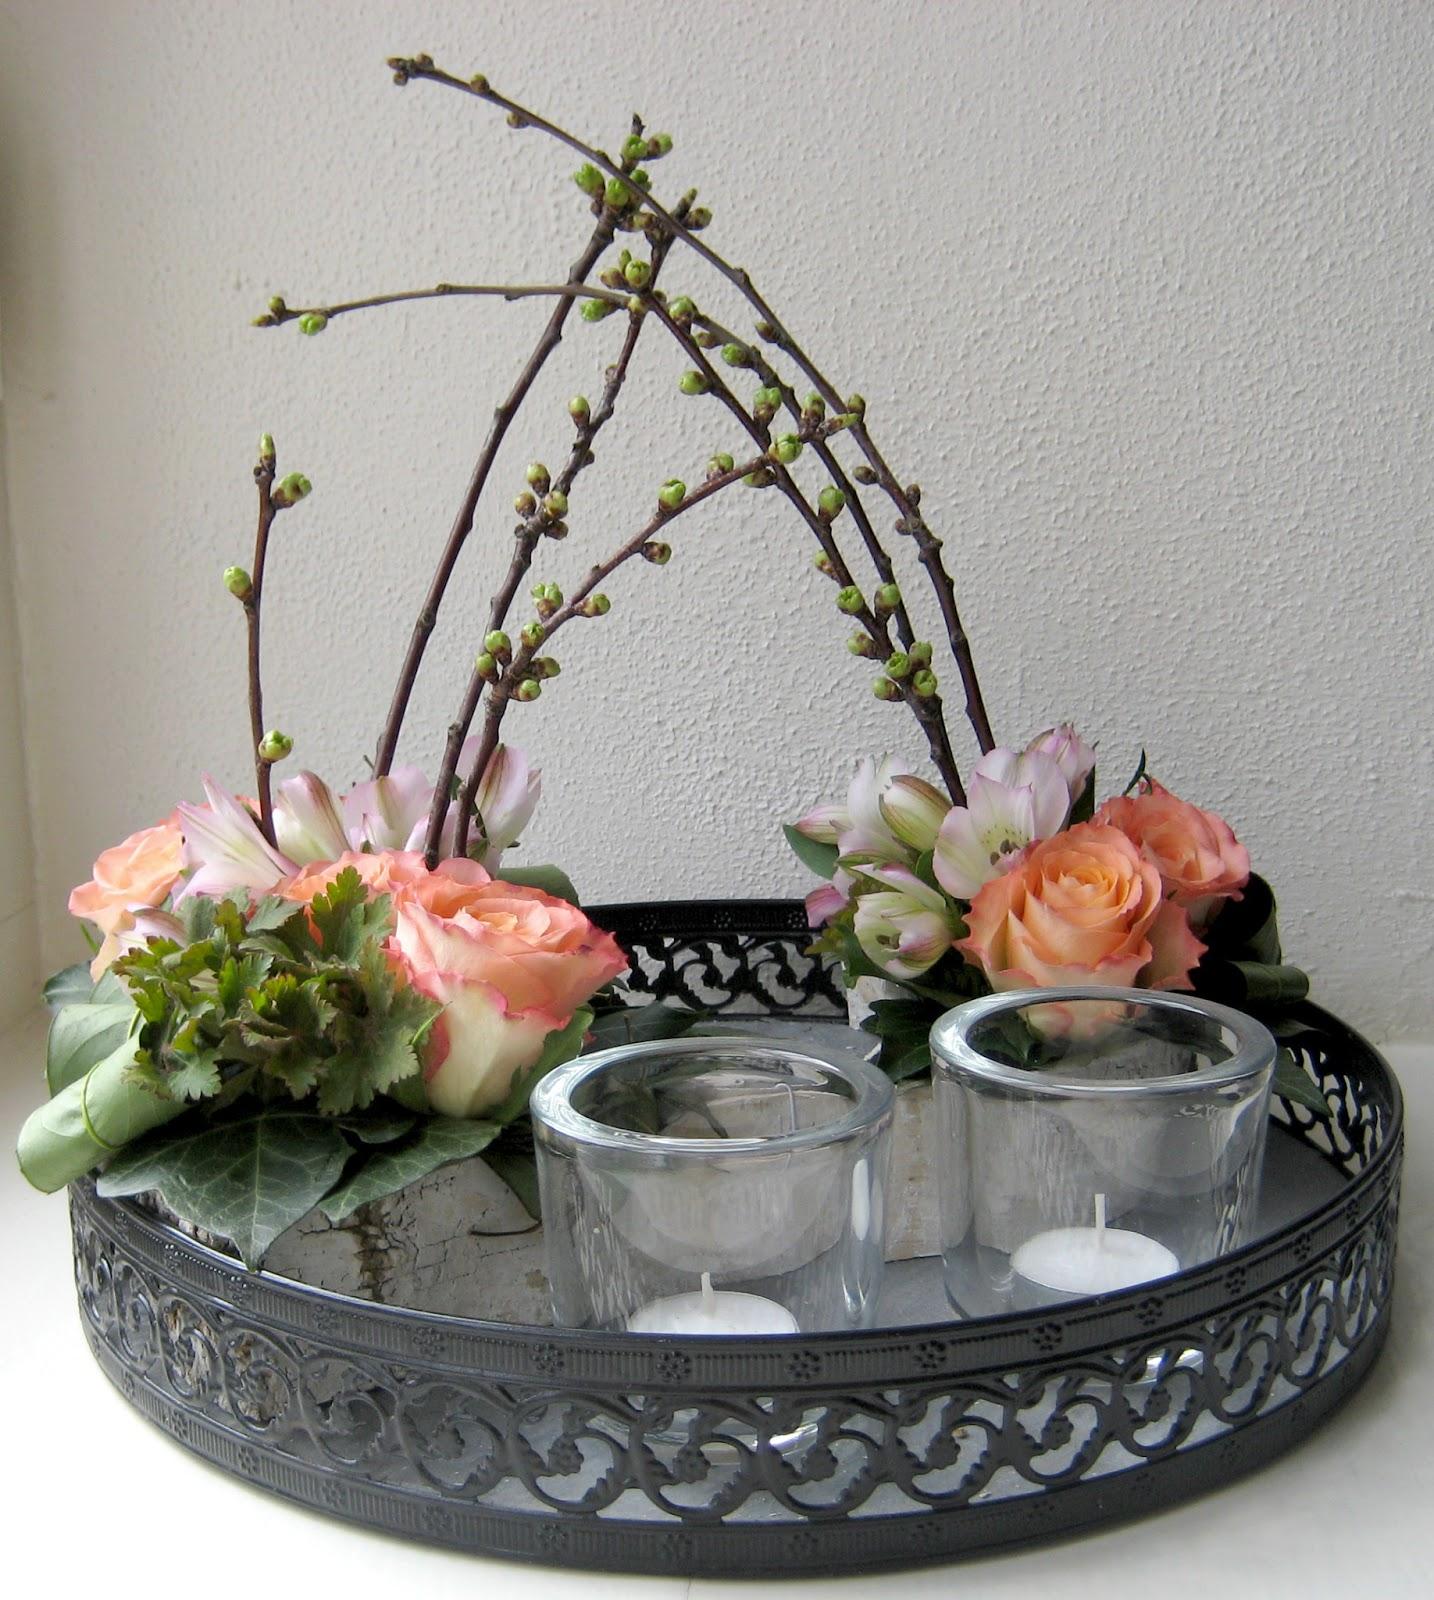 Bloemschikken rosalie april 2013 for Decoratie 2018